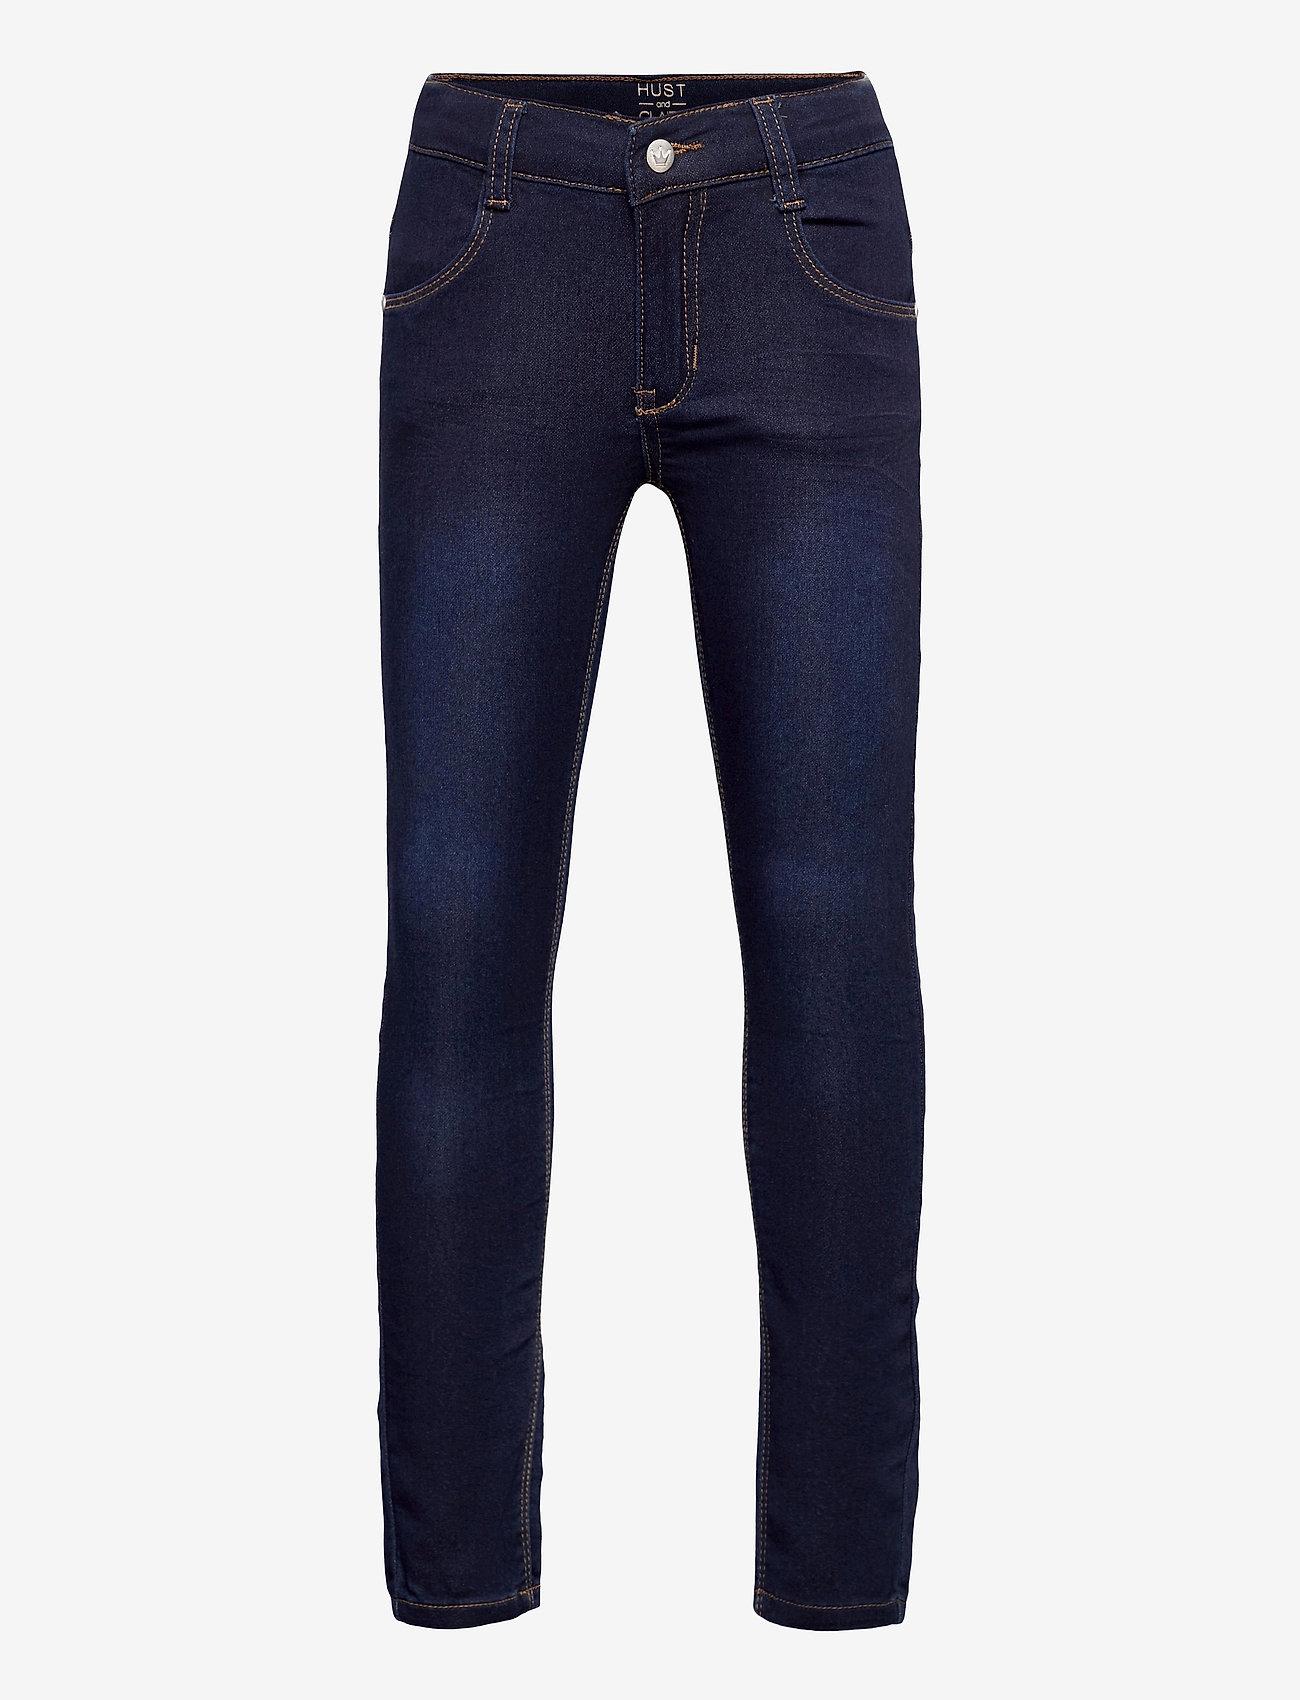 Hust & Claire - Josie - Jeans - jeans - dark denim - 0